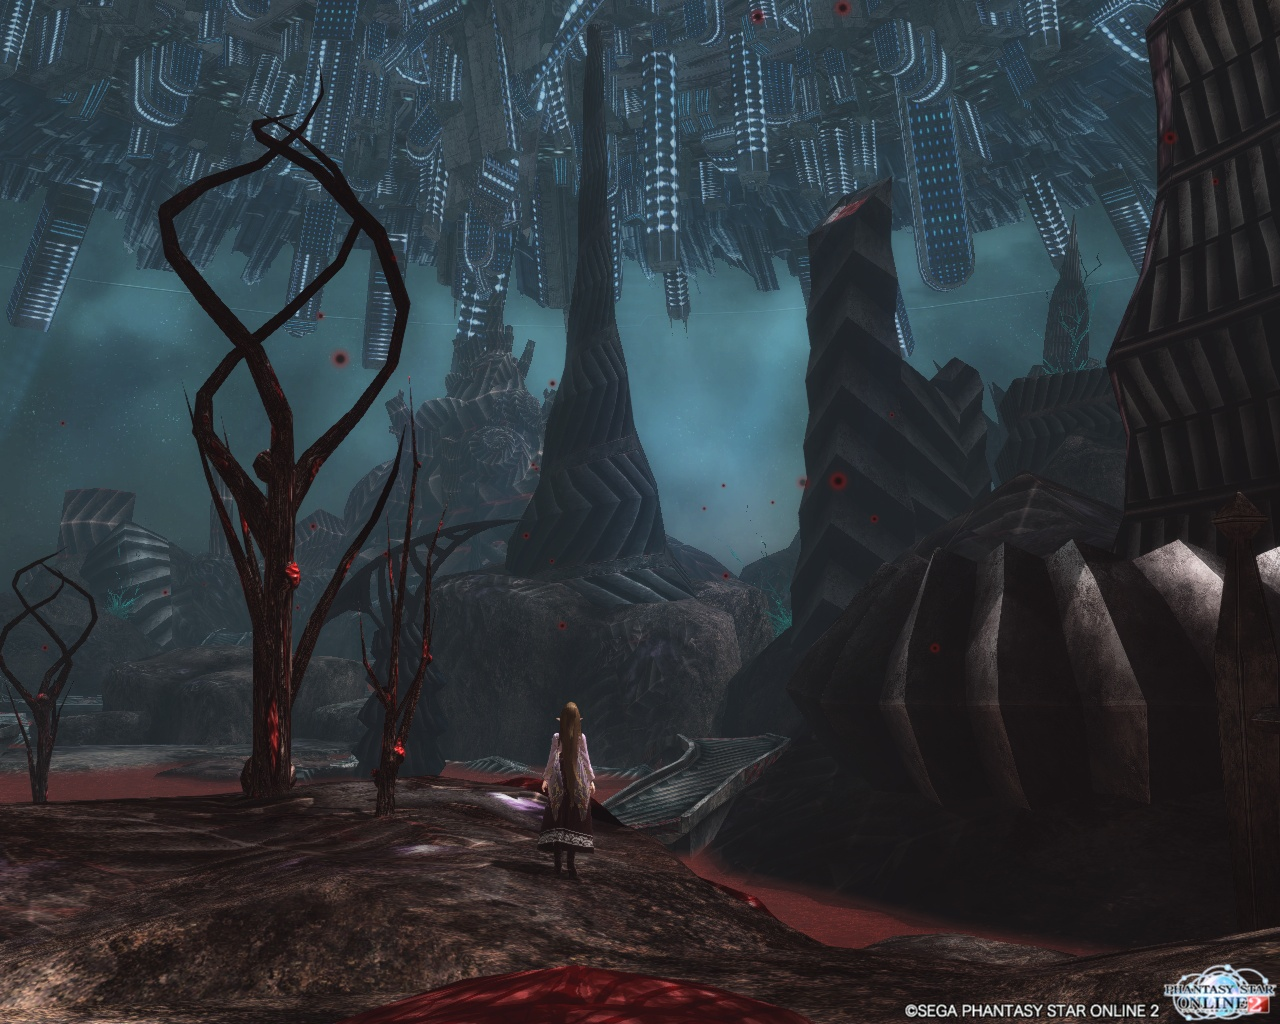 ダーカーの巣窟